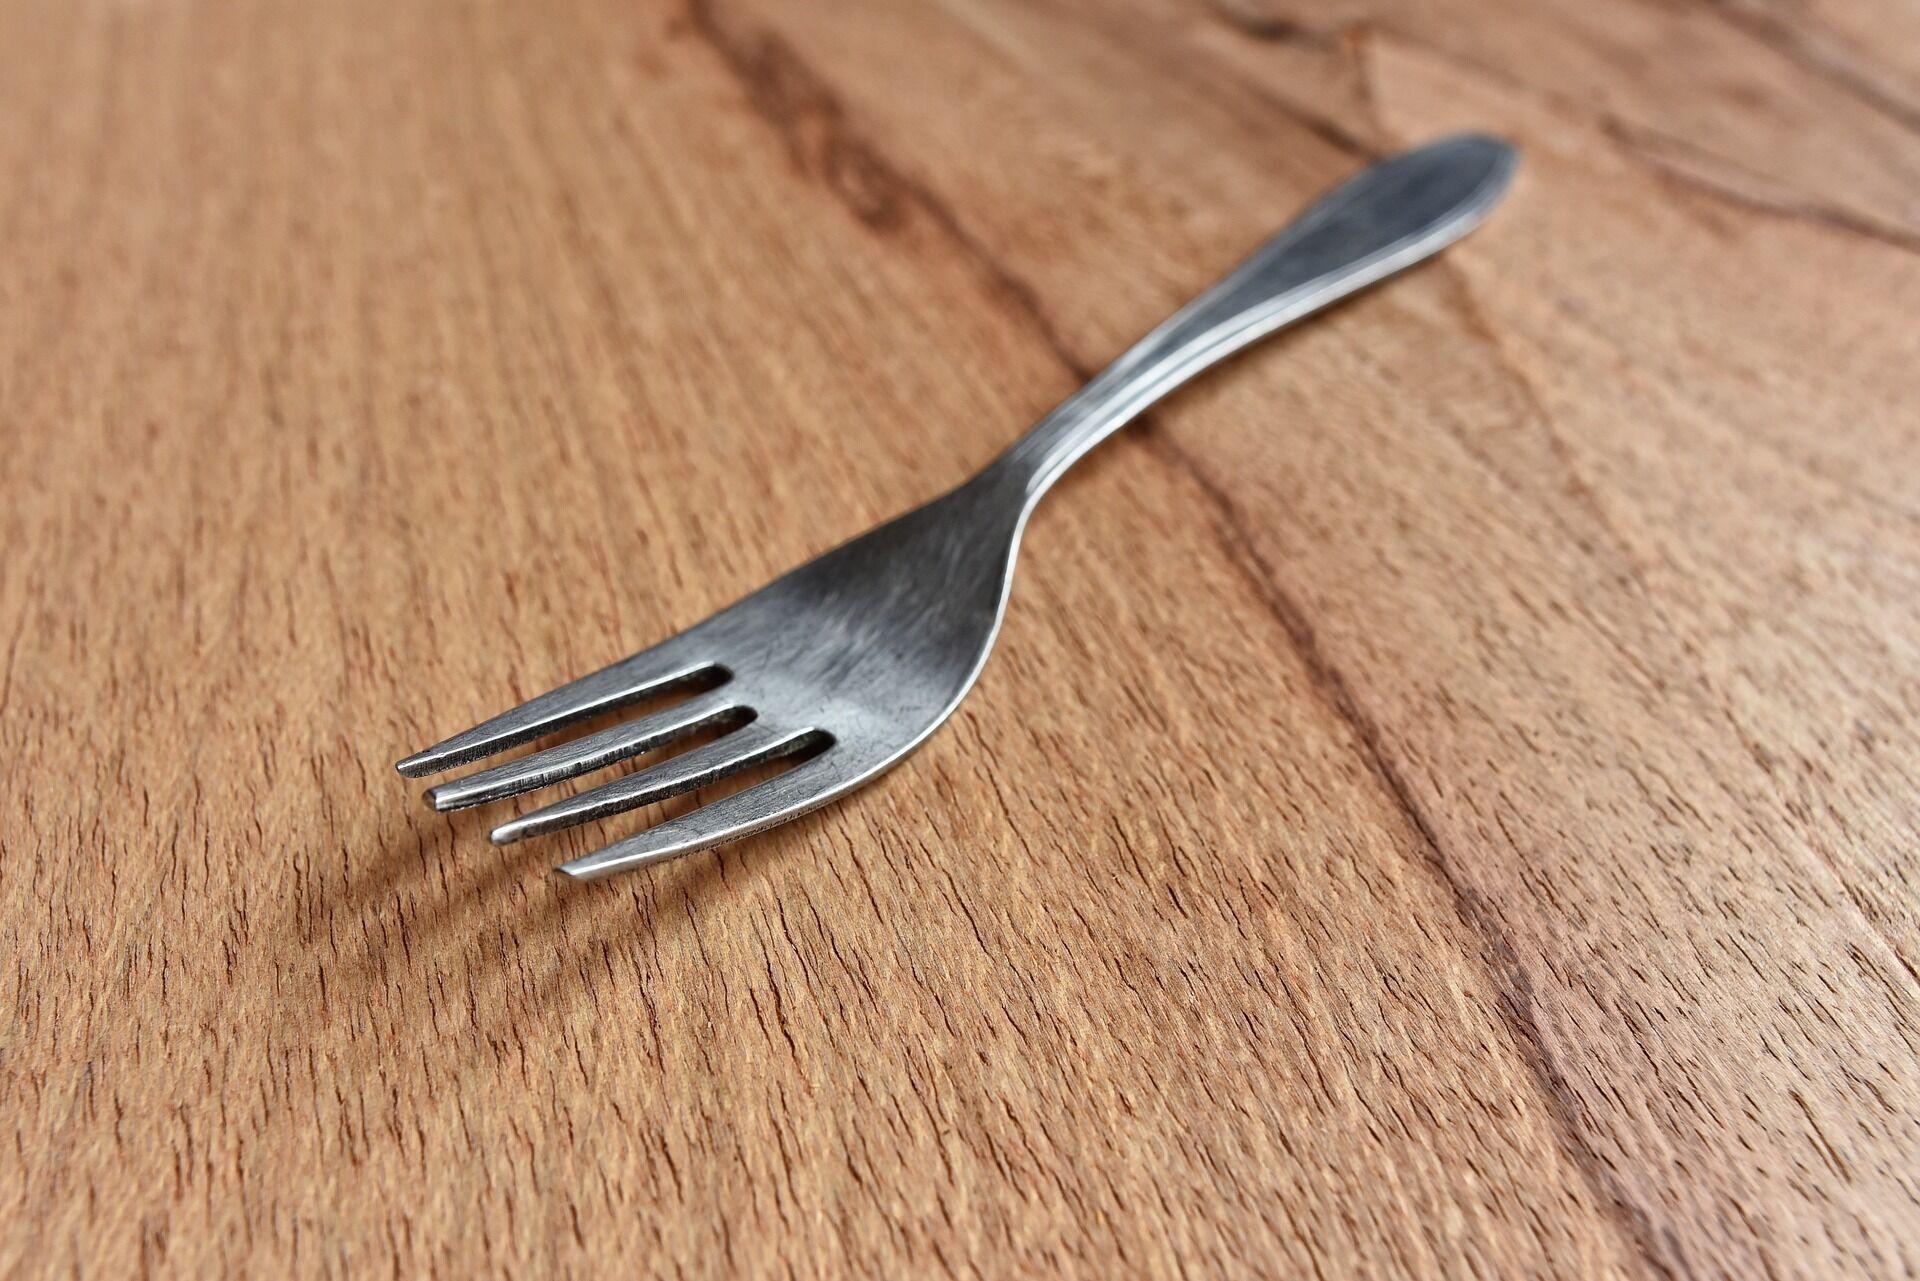 Якщо впала виделка зі столу